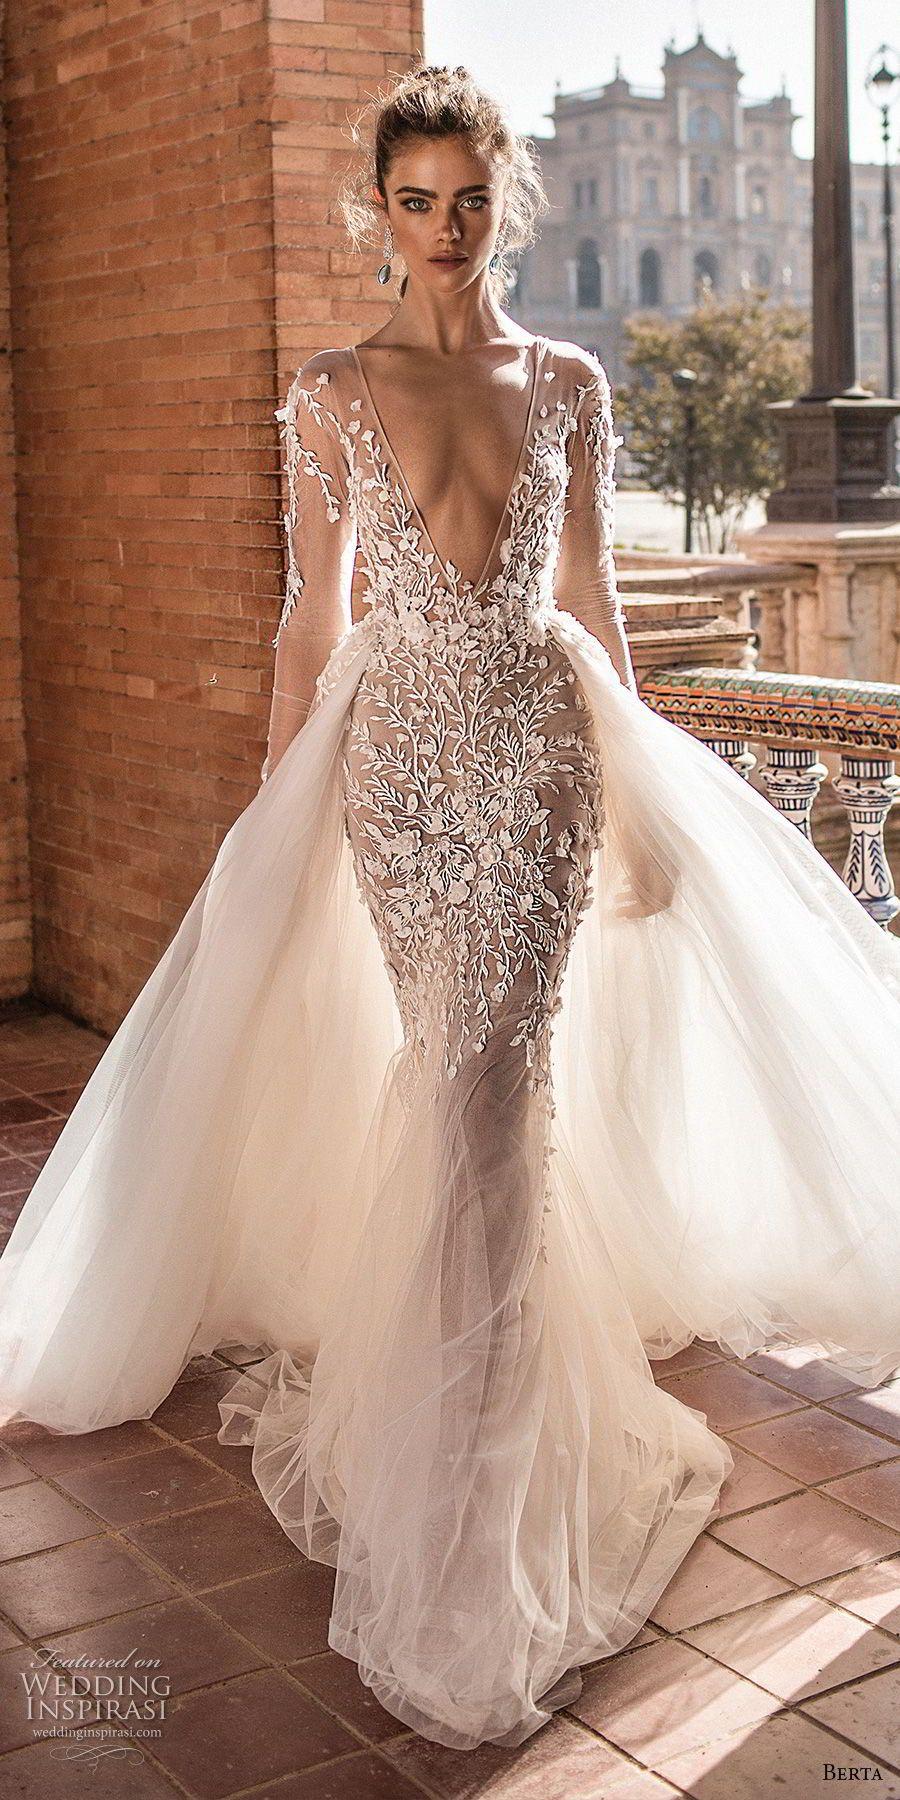 Berta fall wedding dresses mermaid wedding dresses chapel